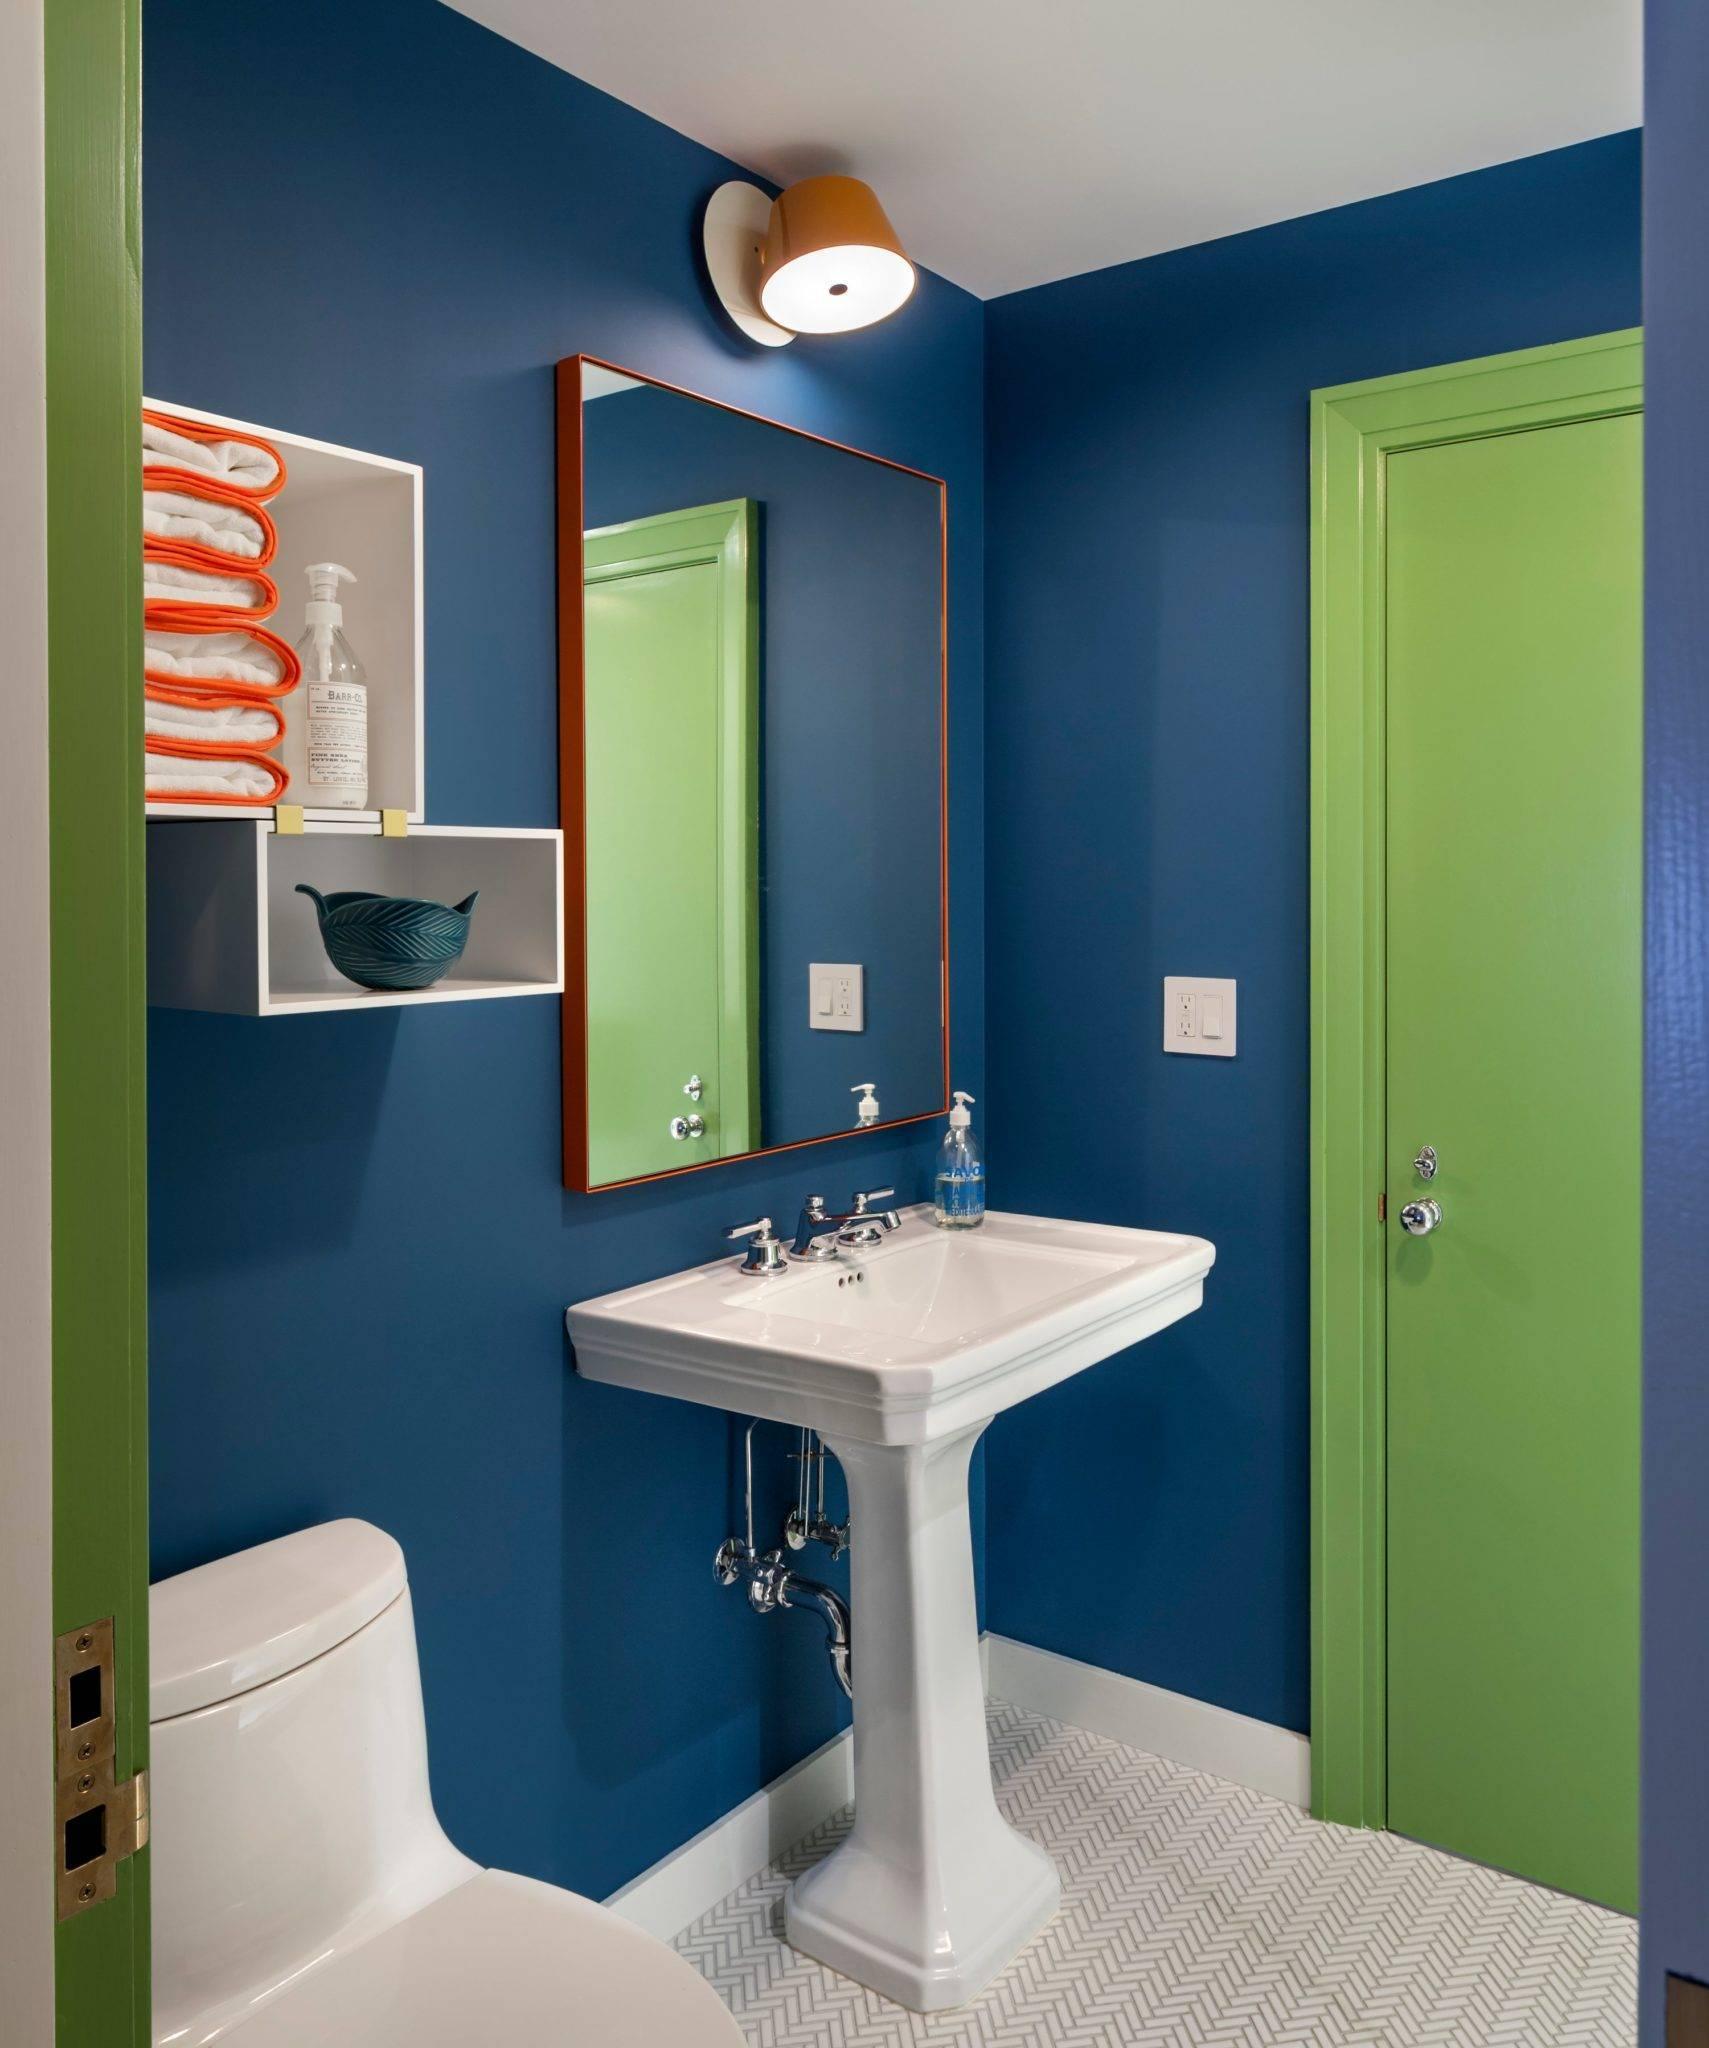 Краска вместо плитки в ванной: преимущества и недостатки